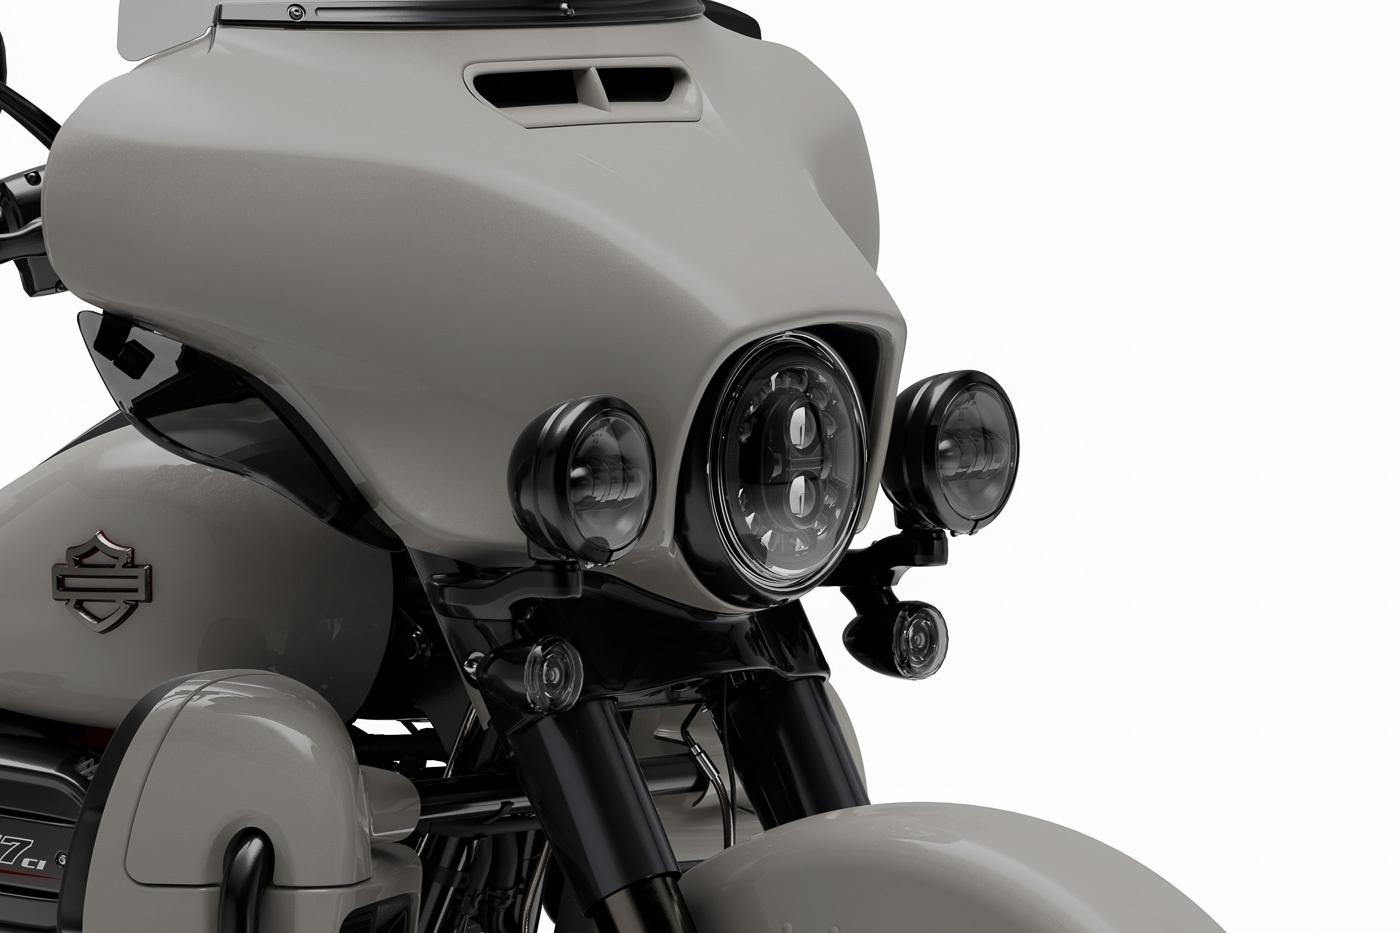 Zeigt die Harley-Davidson CVOLimited 117 Daymaker Modelljahr 2020